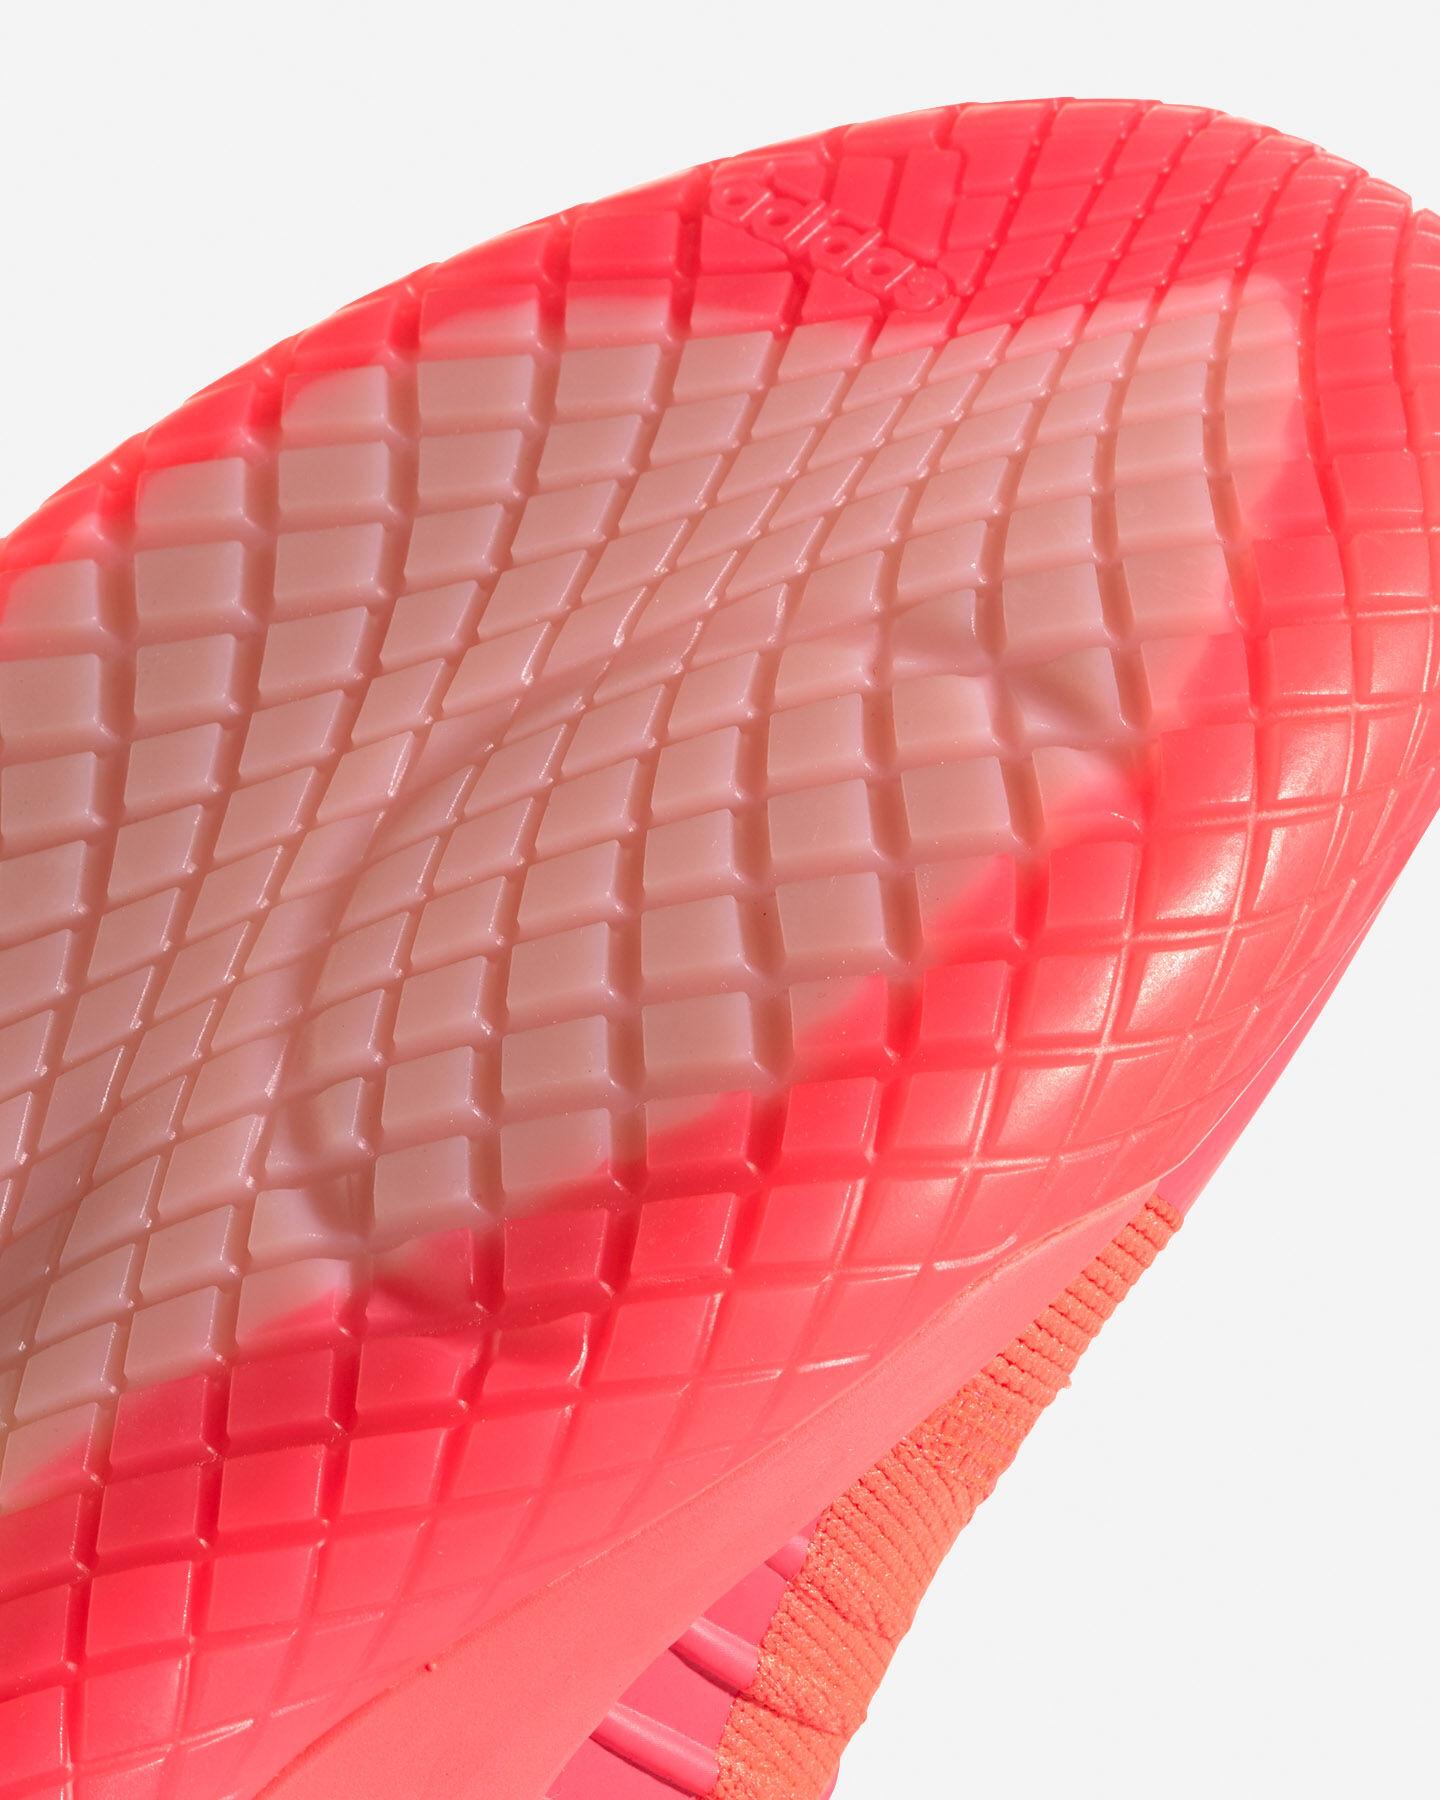 Scarpe volley ADIDAS STABIL NEXT GEN  M S5228210 scatto 3